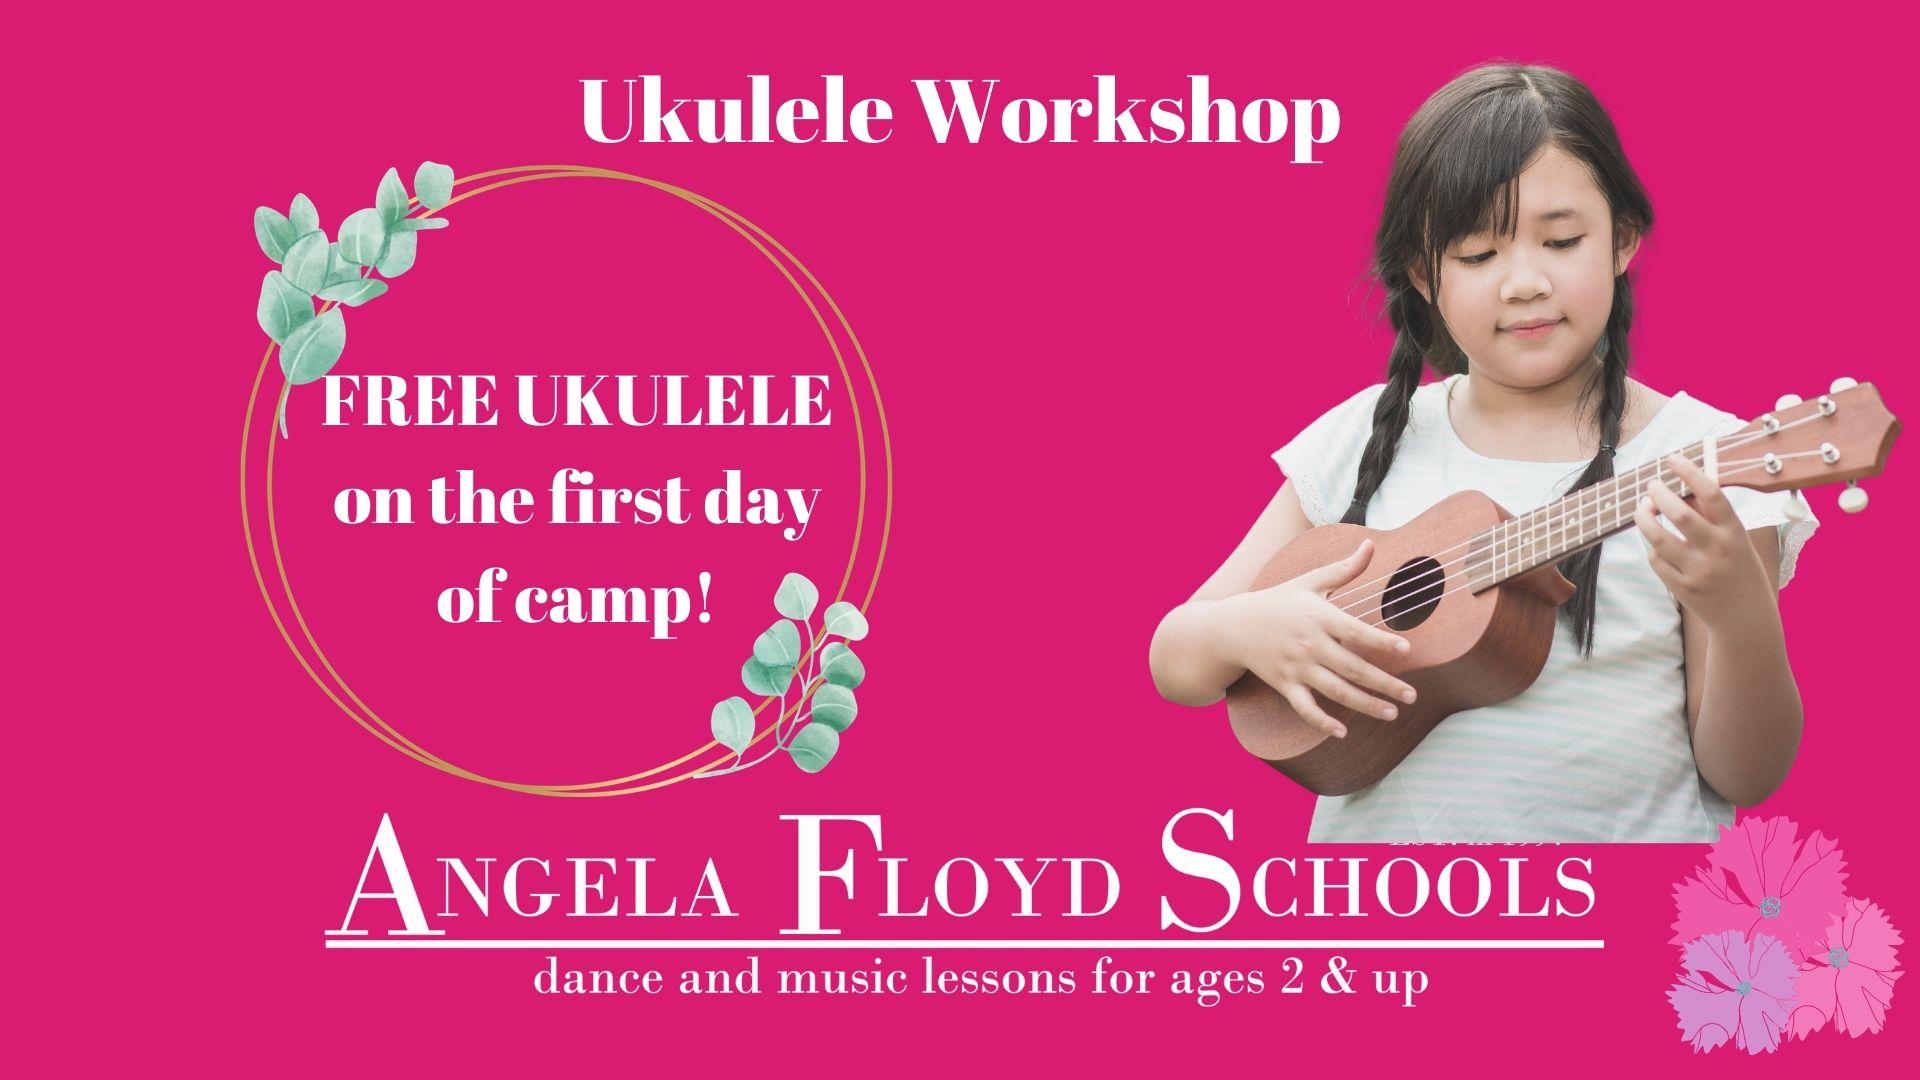 Ukelele Workshop